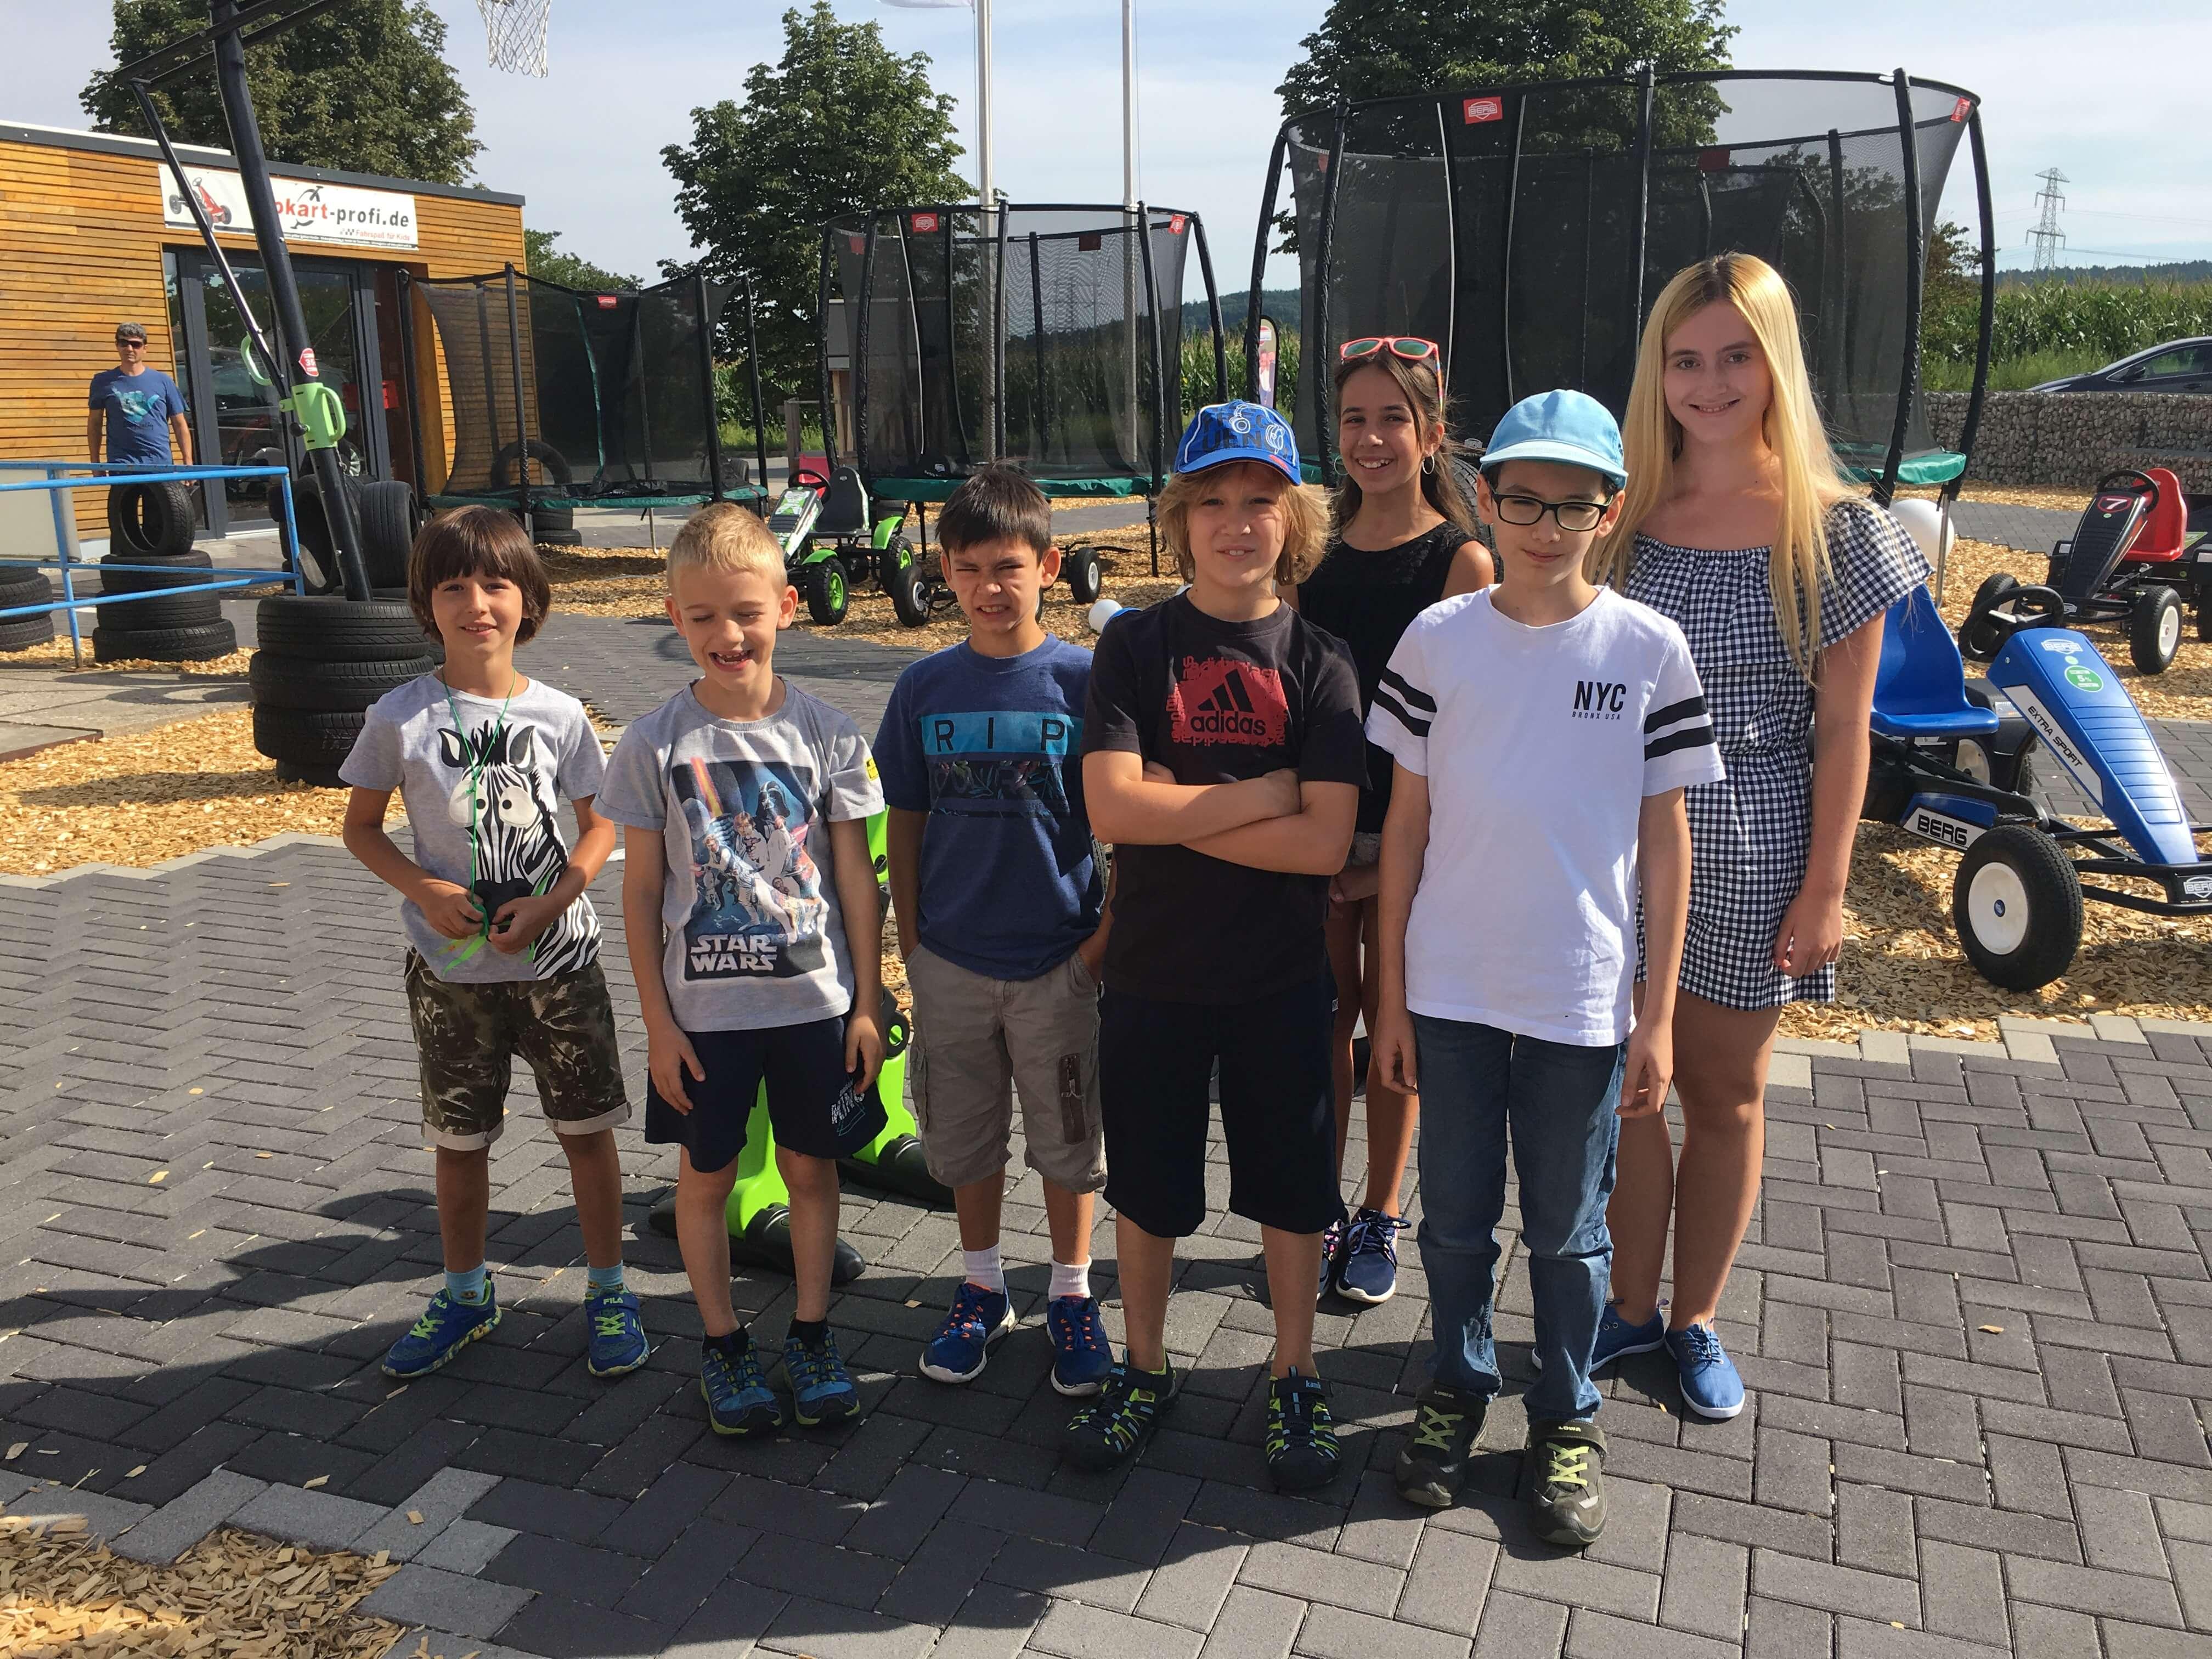 Go Kart Geländetour buchen bei gokart-profi.de Nürnberg-Burgthann